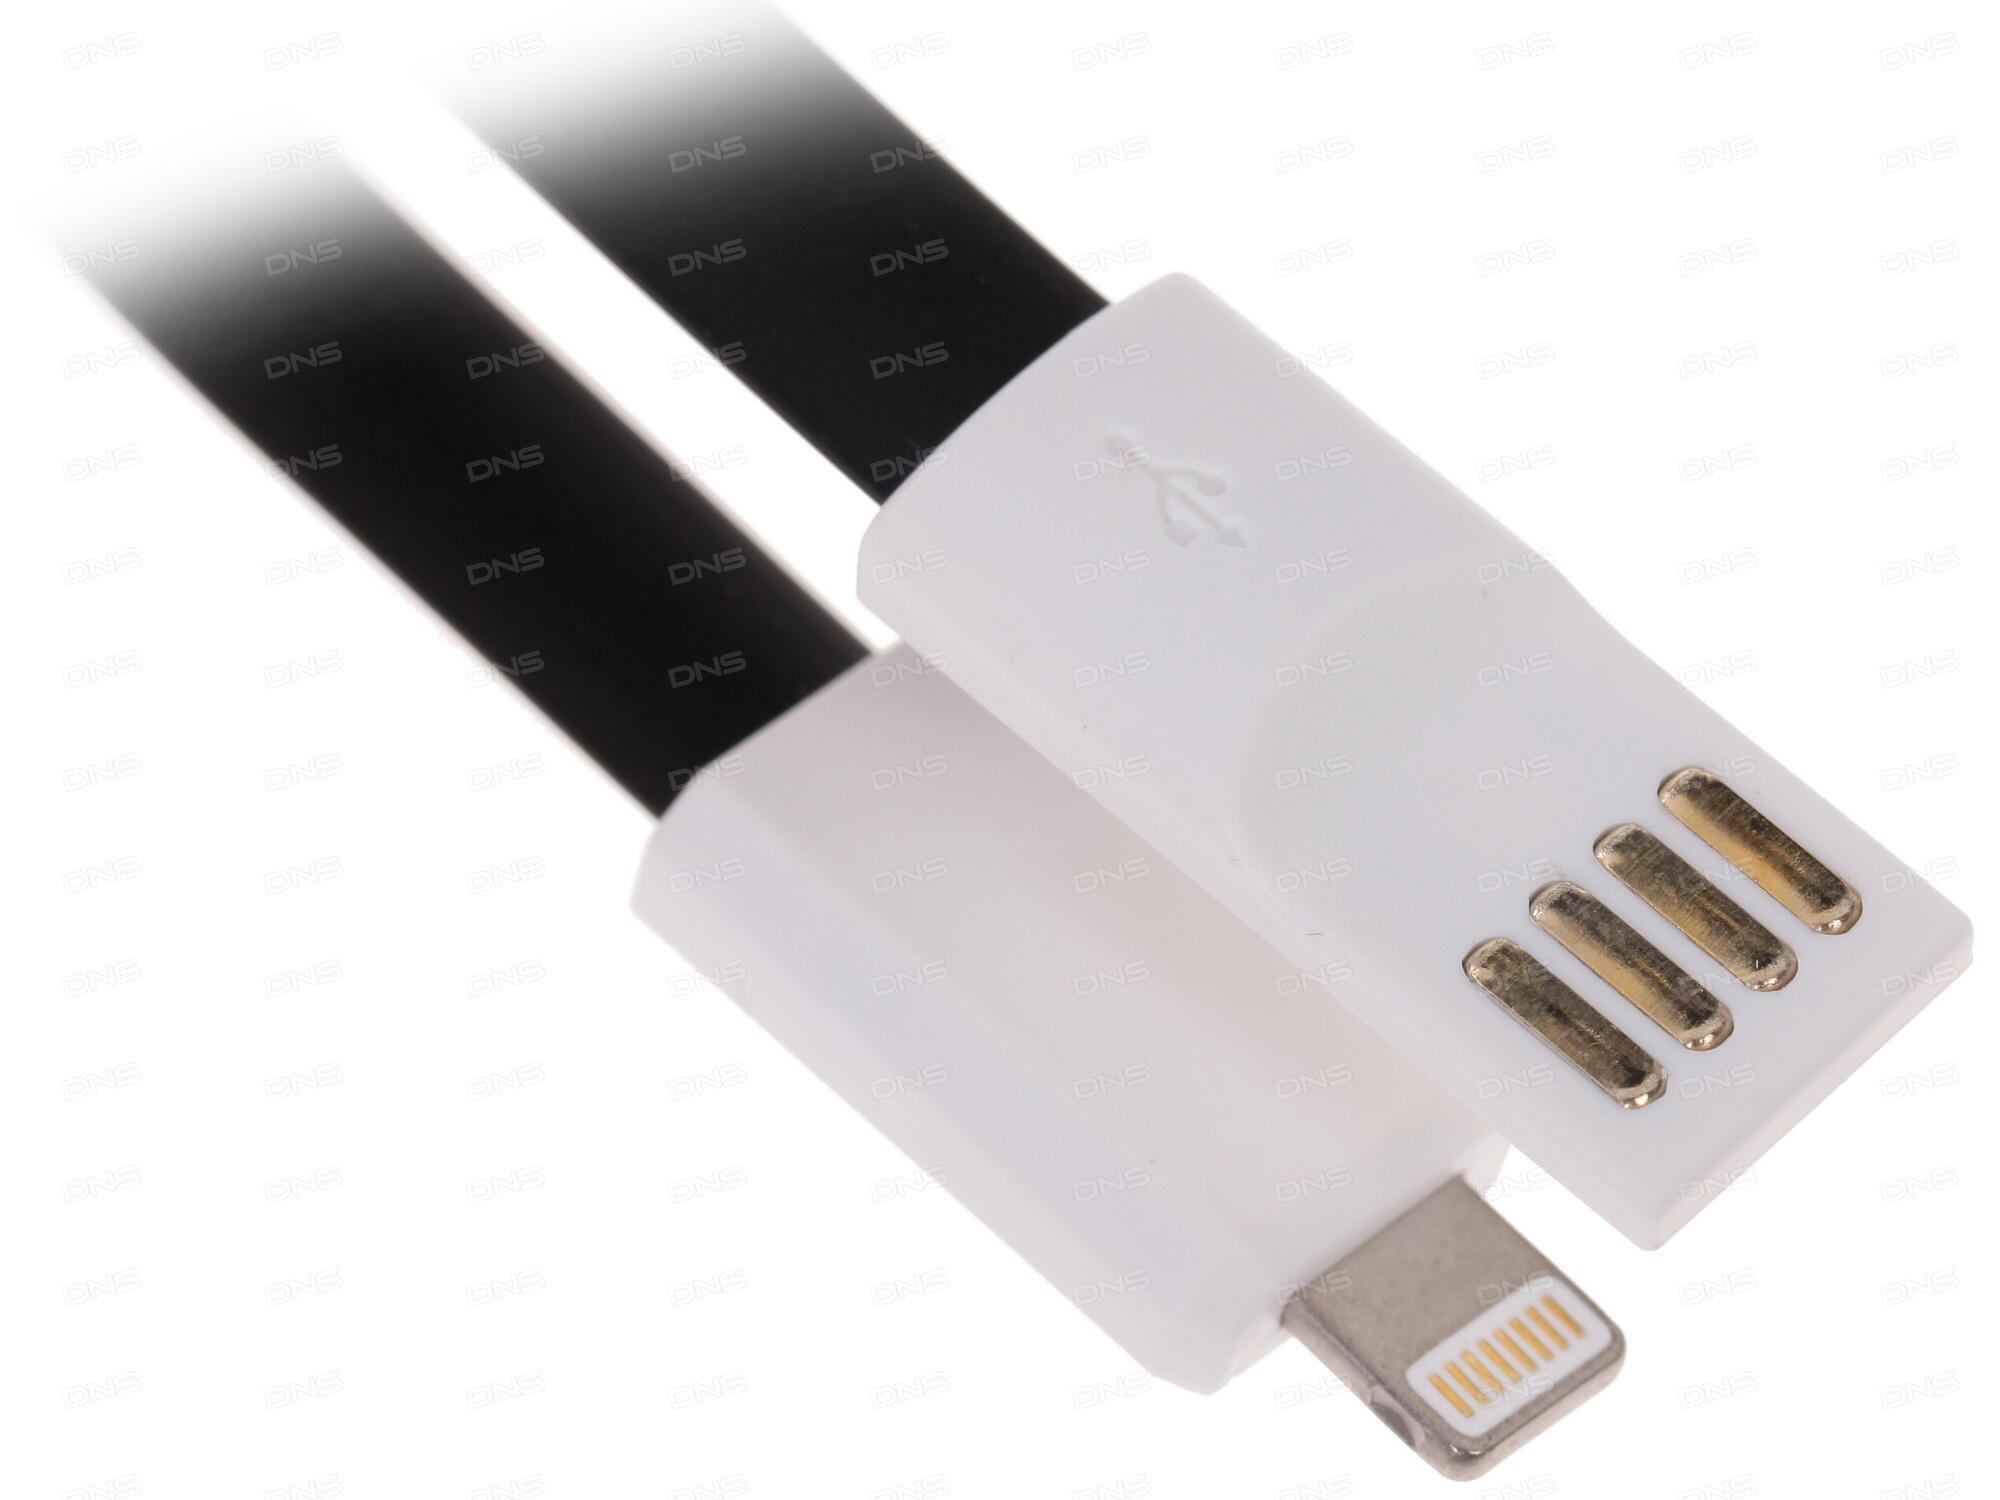 Кабель Lightning 8pin-USB Ritmix RCC-421 grey для синхронизации/зарядки 1м нейлон. опл. мет. коннекторы